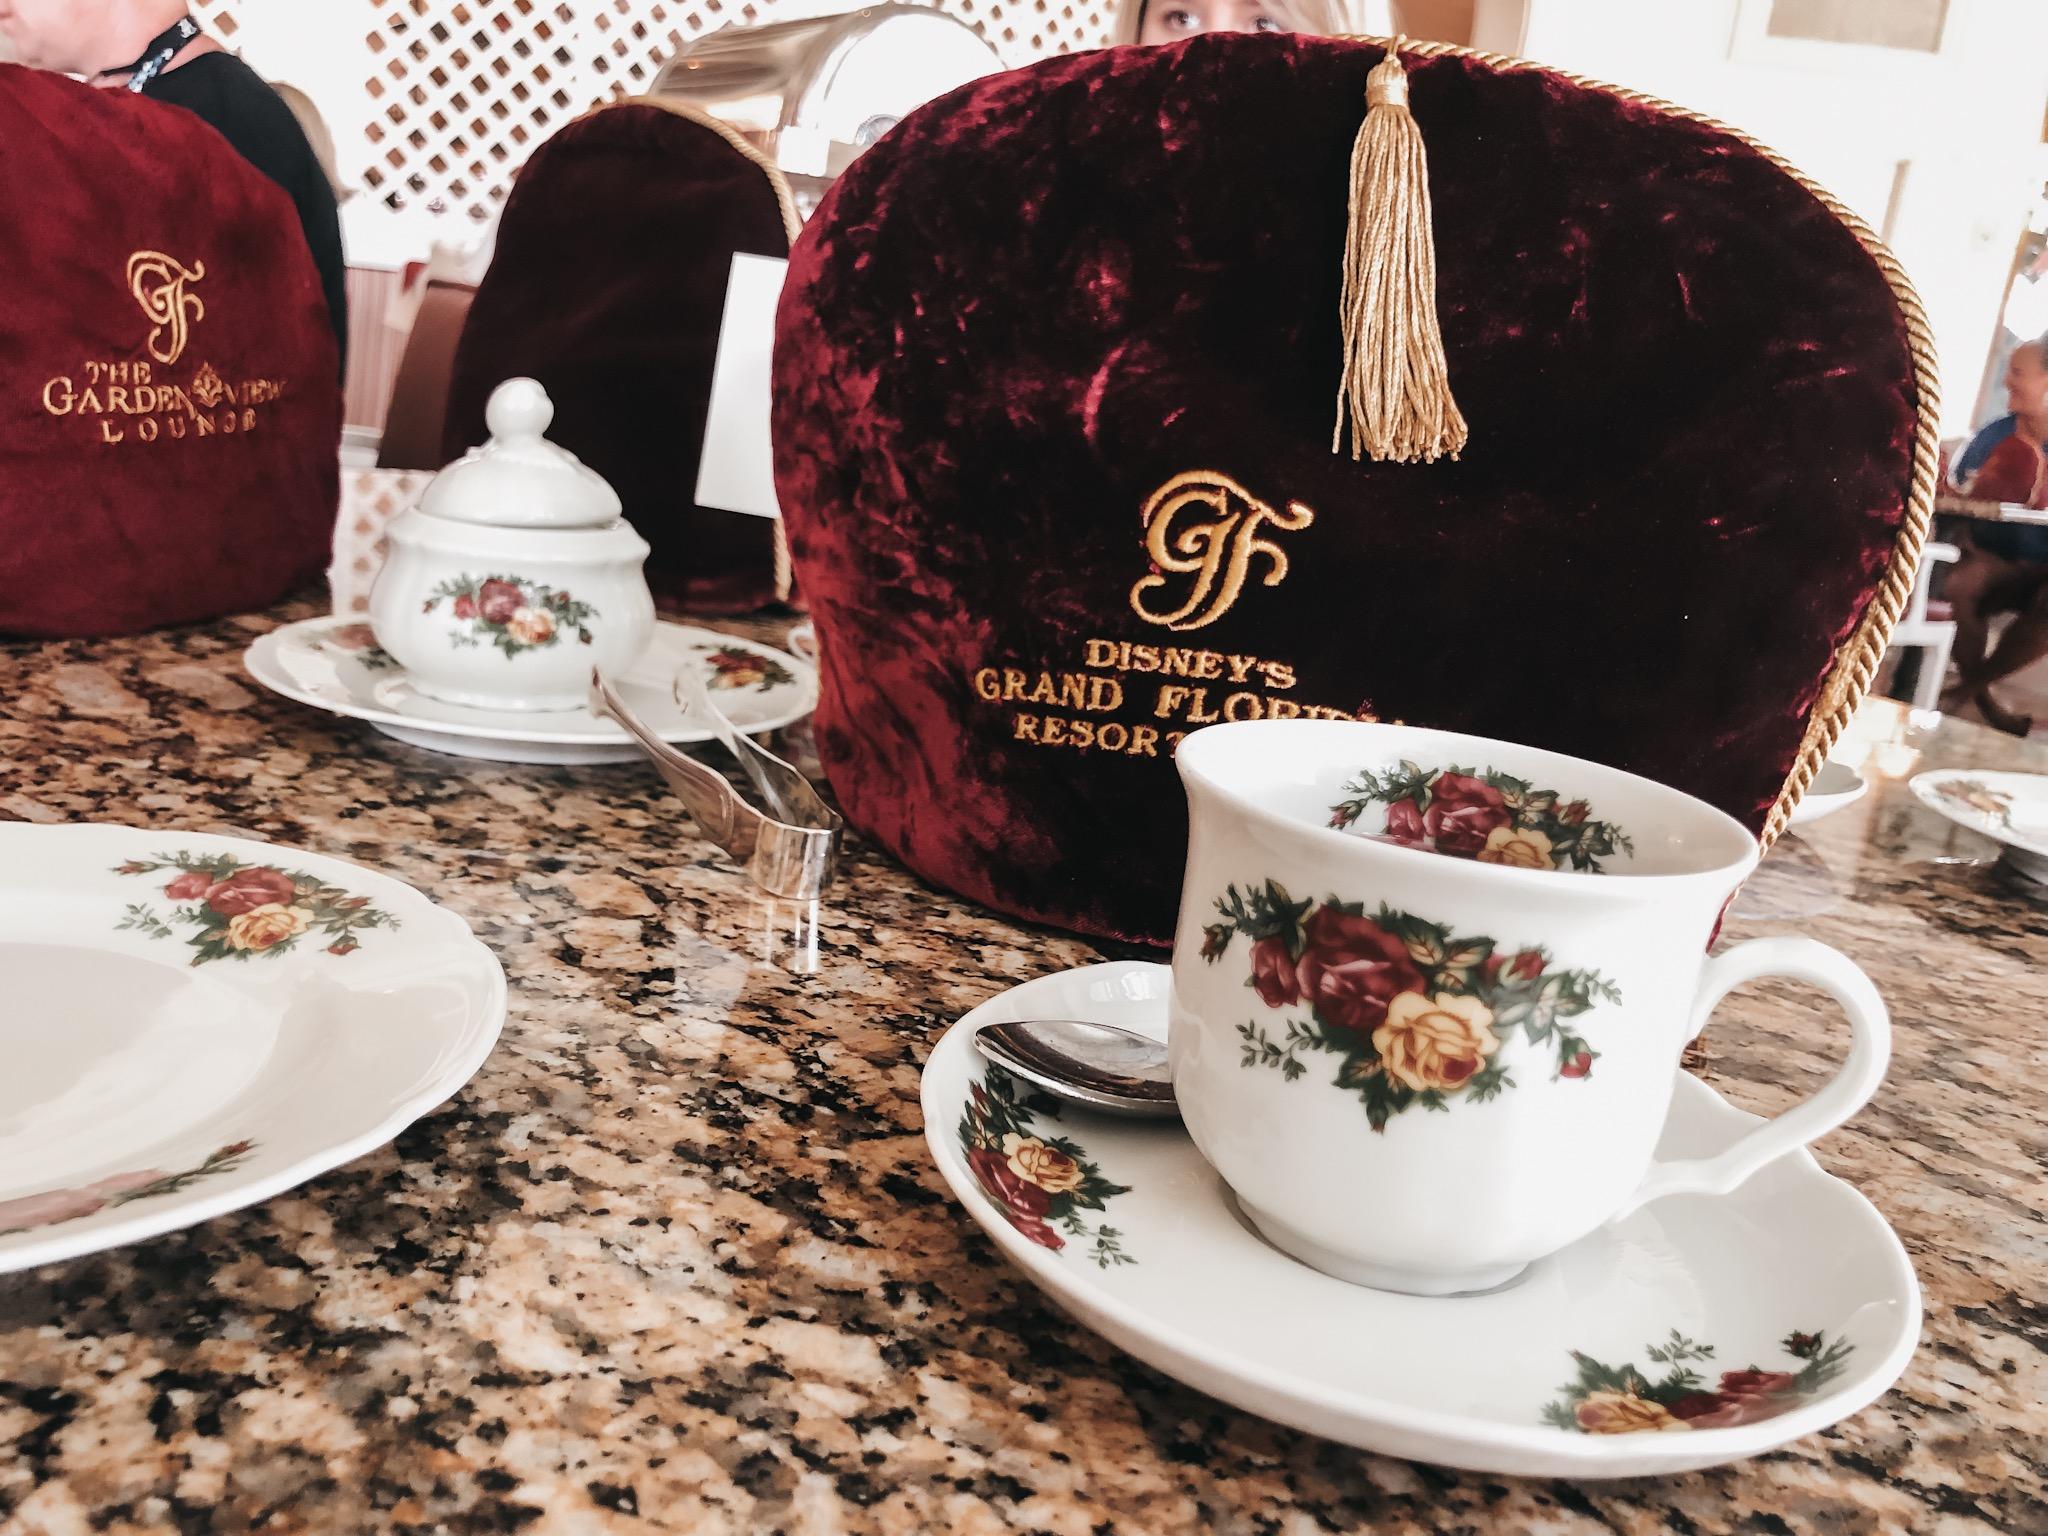 Afternoon Tea at Disney's Grand Floridian Resort